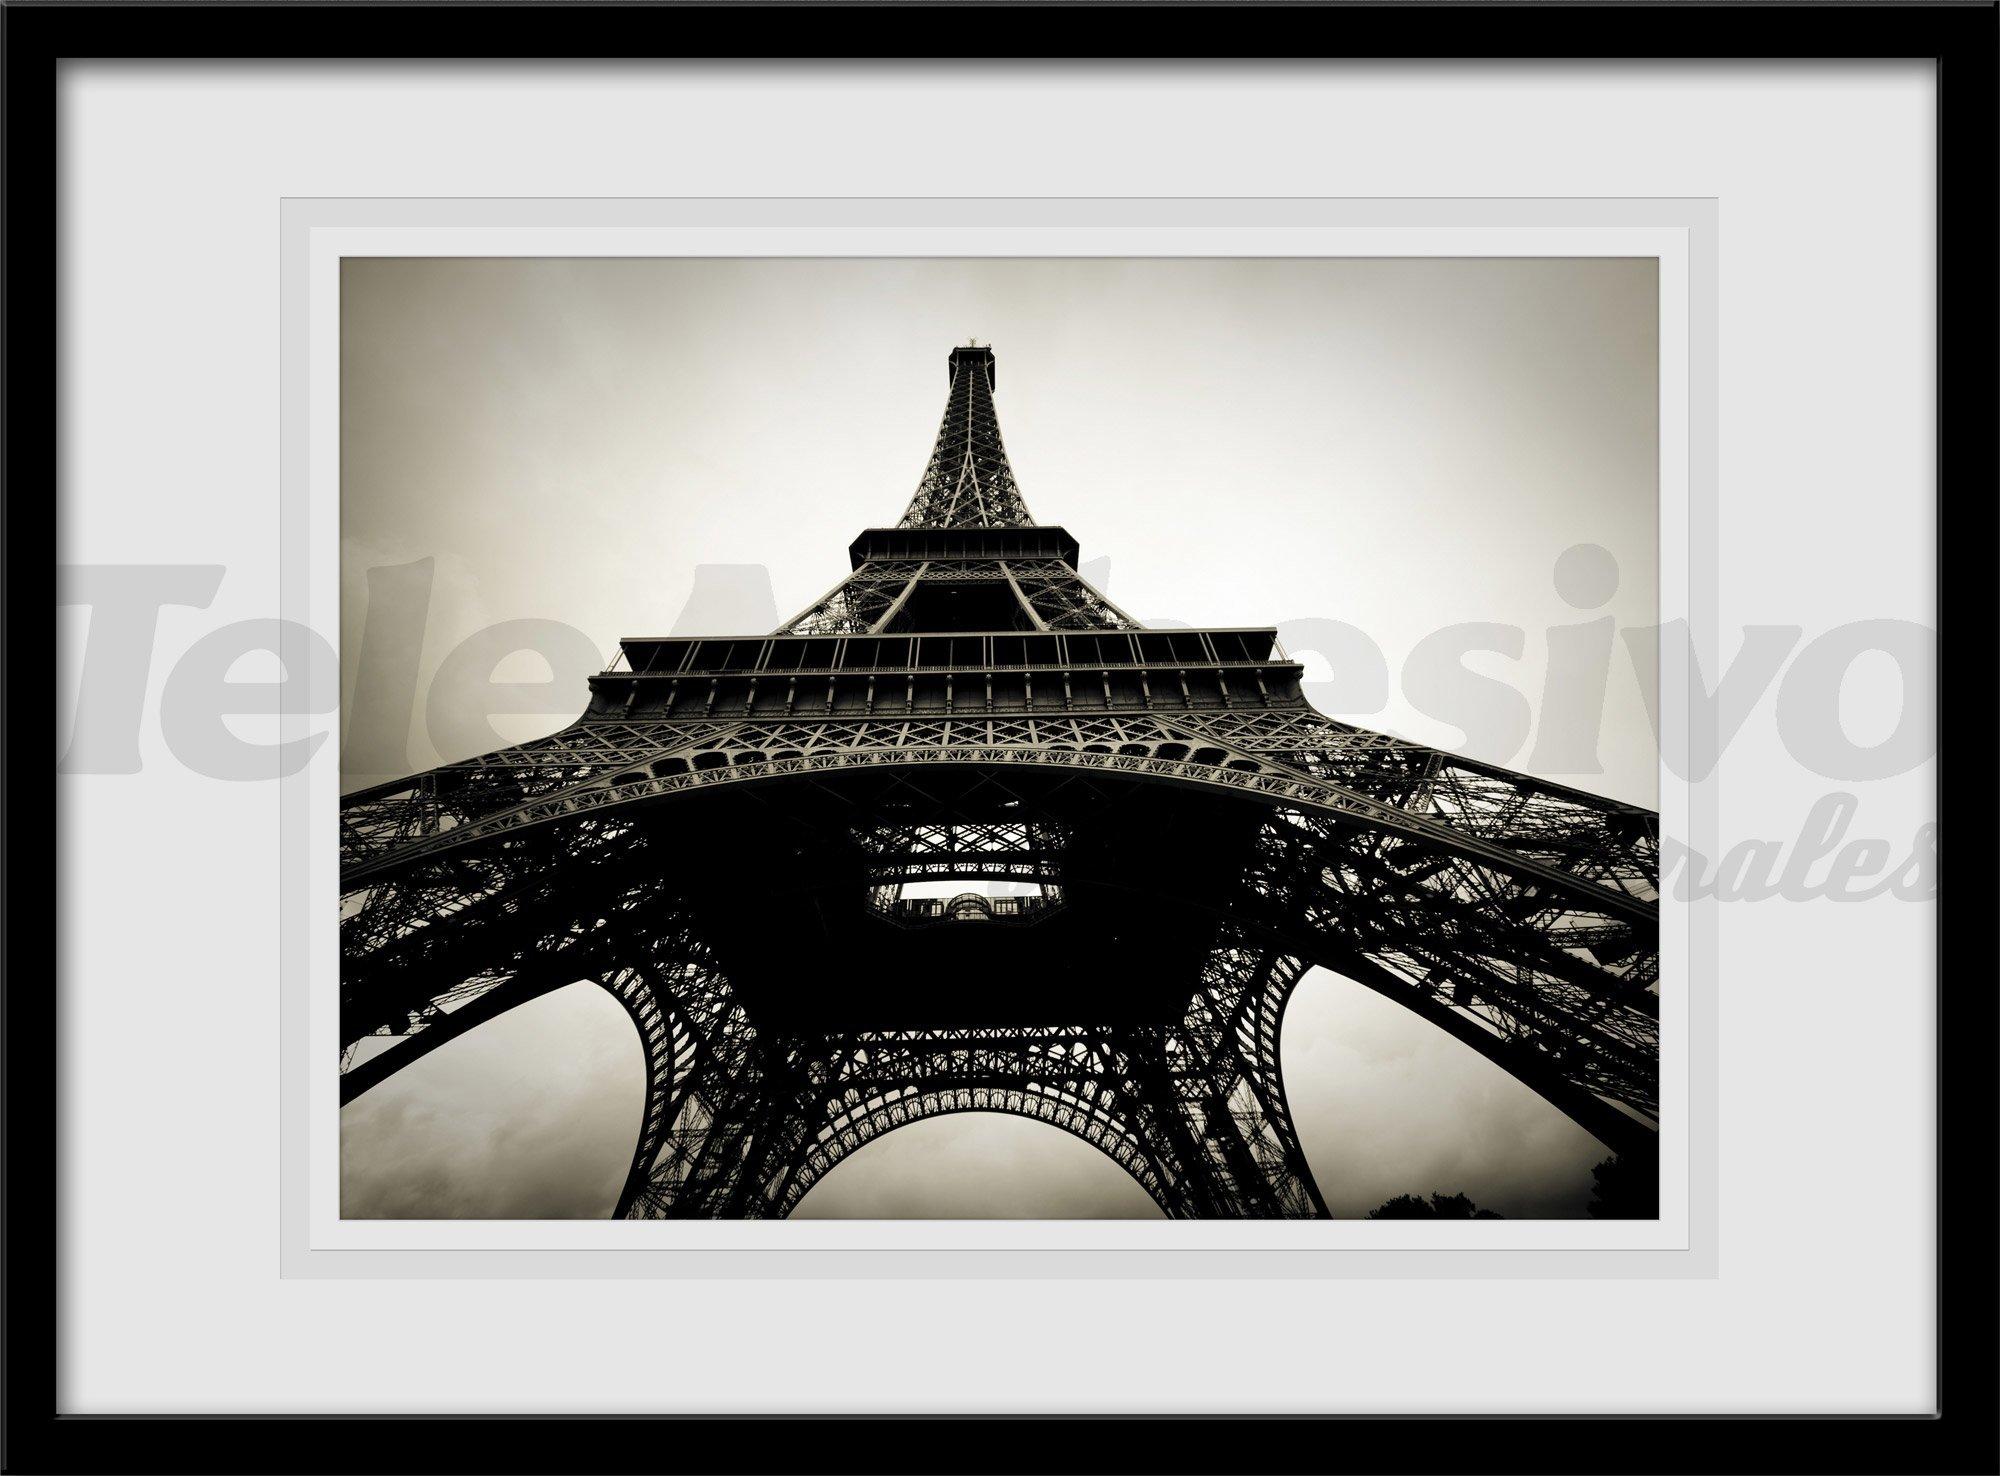 Vinilo decorativo Torre Eiffel en blanco y negro